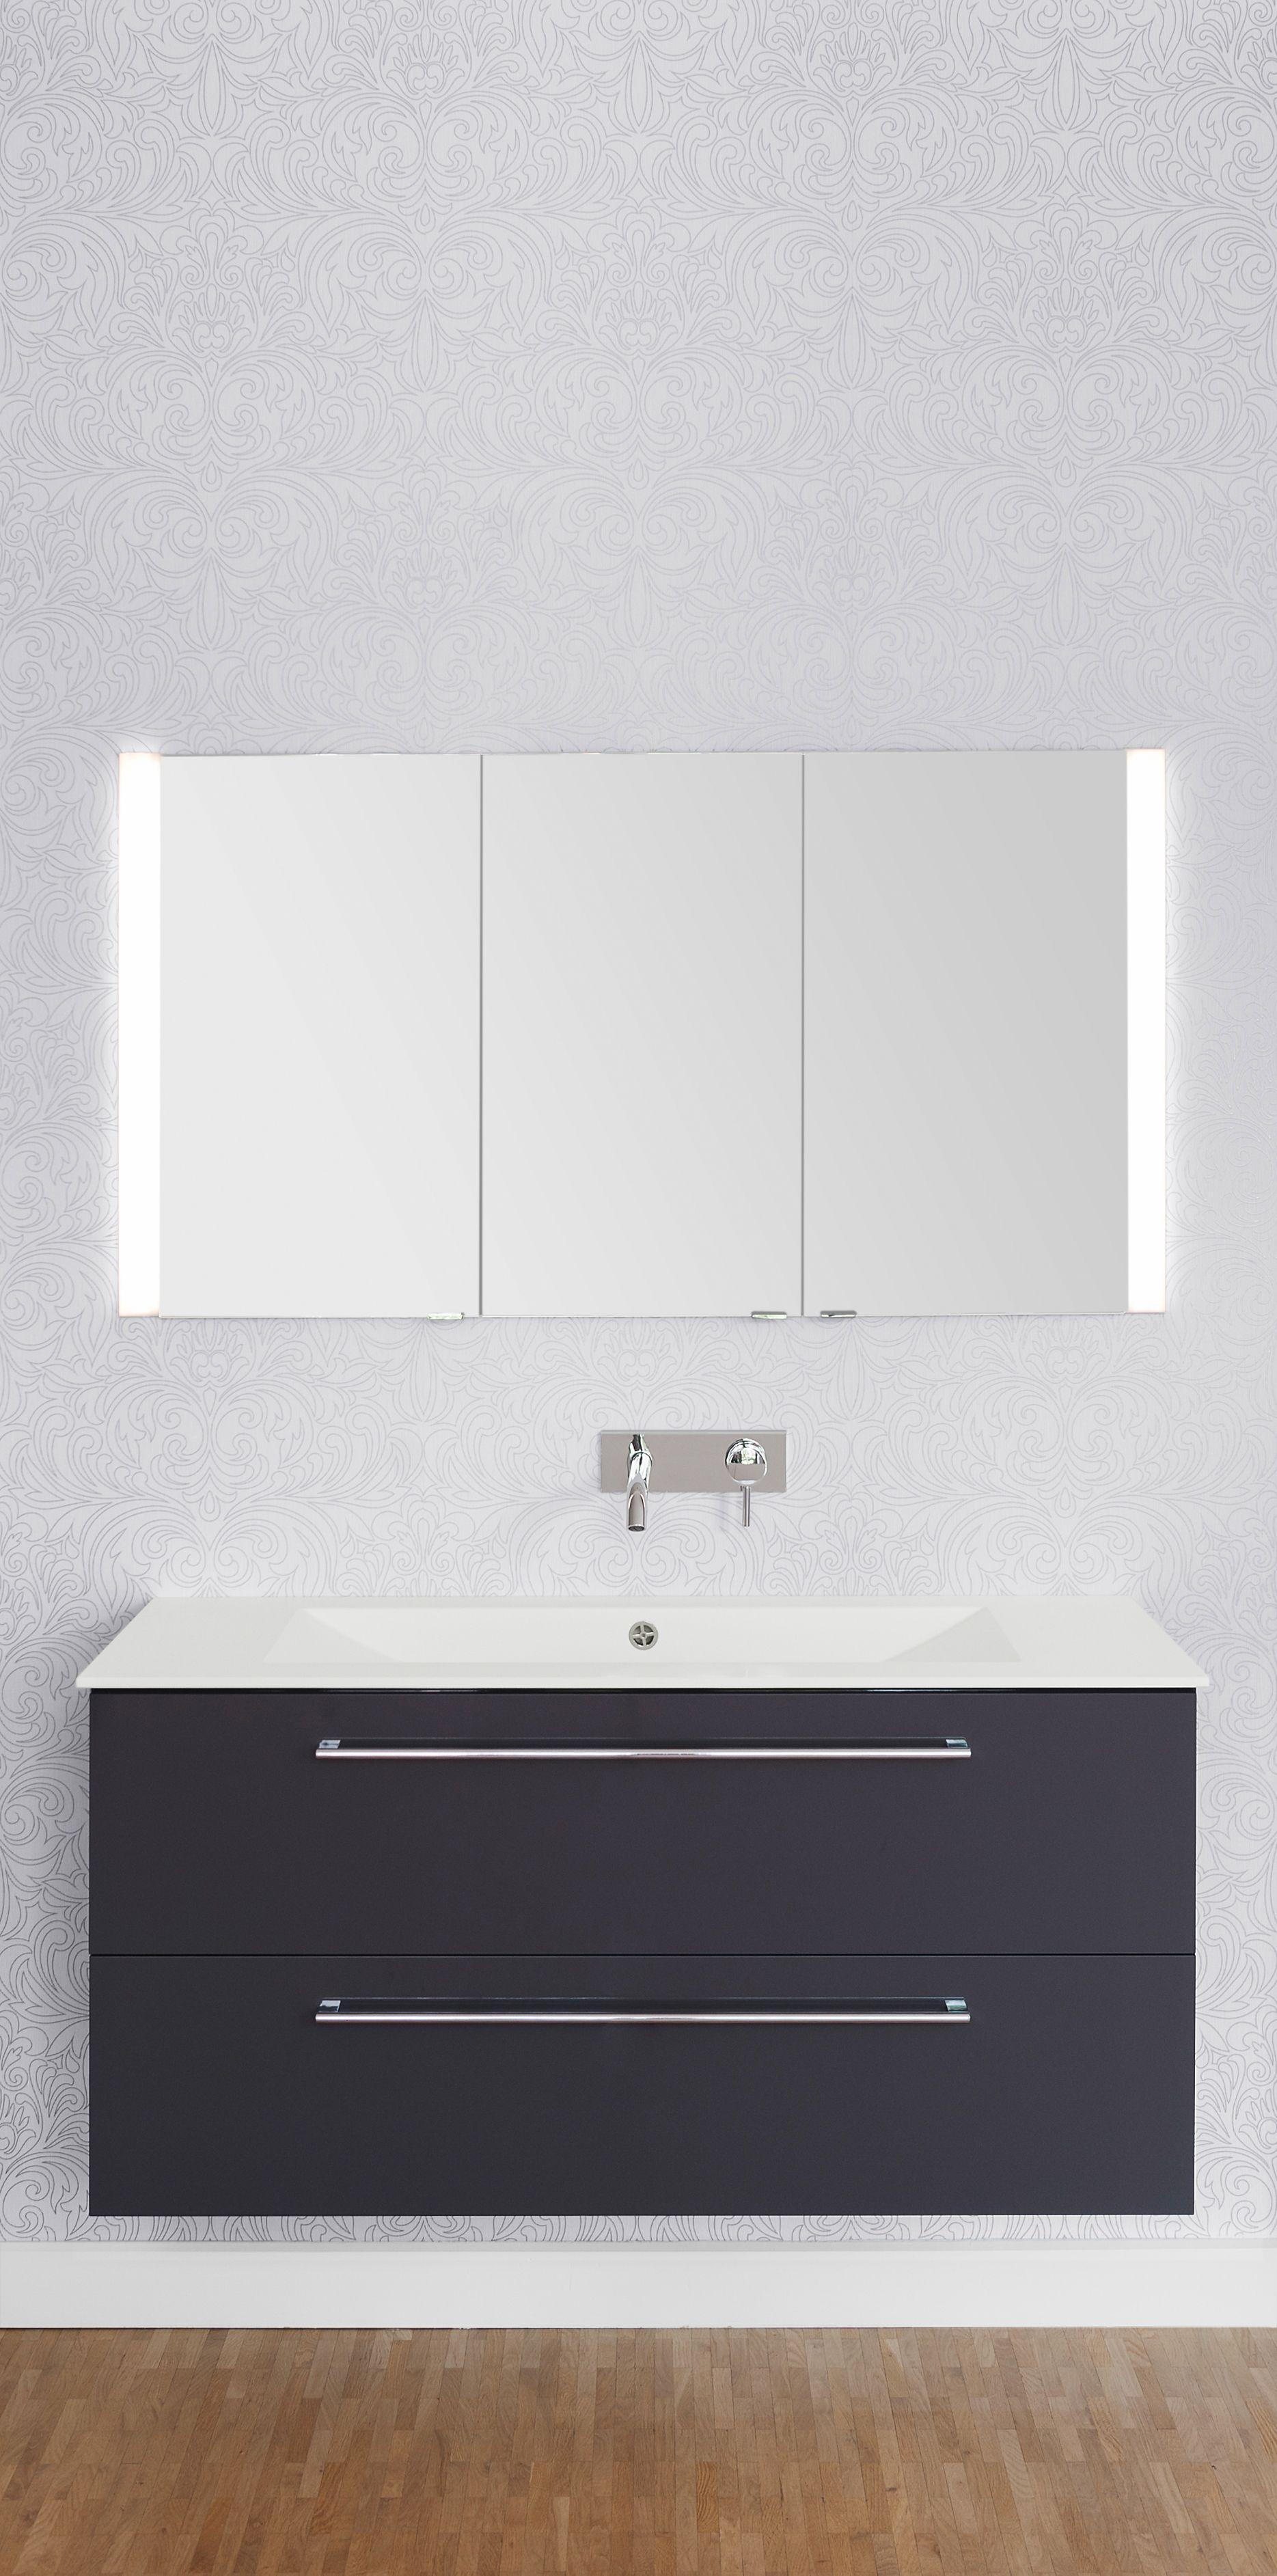 Moderner Waschtisch moderner waschtisch minibagno badezimmer